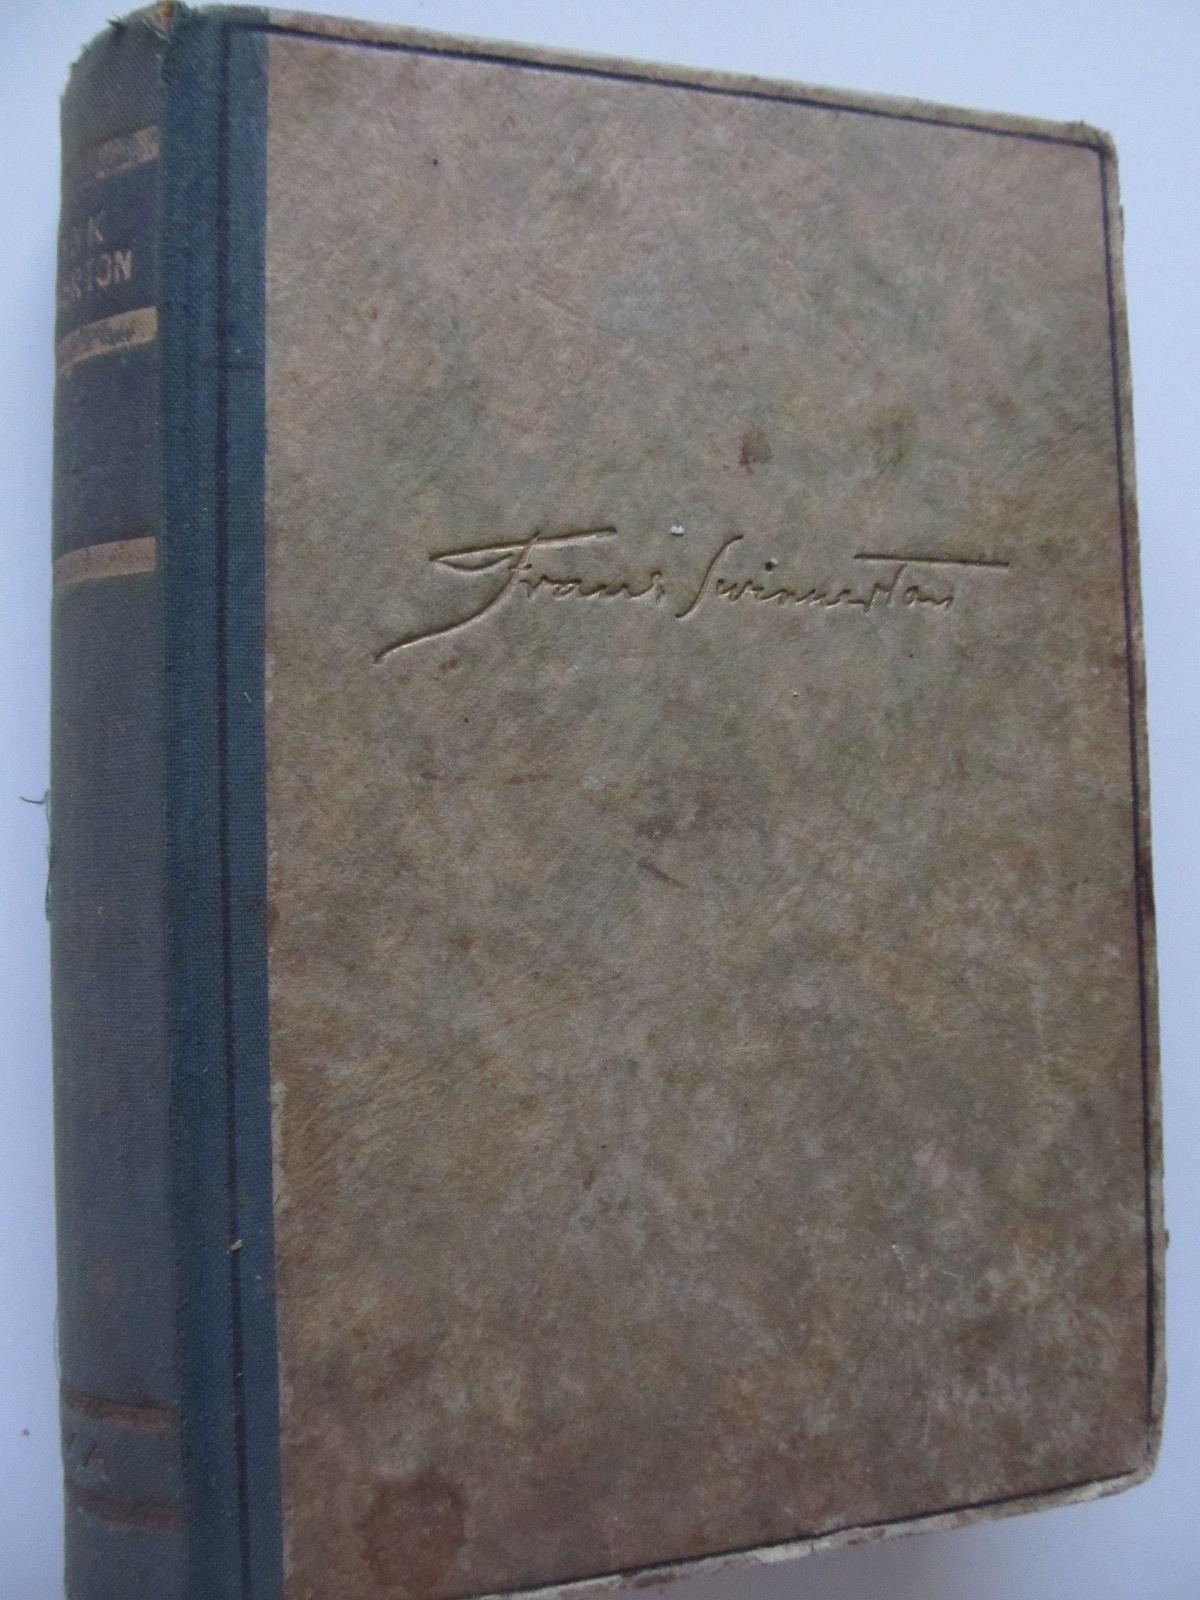 Ket feleseg - Frank Swinnerton | Detalii carte